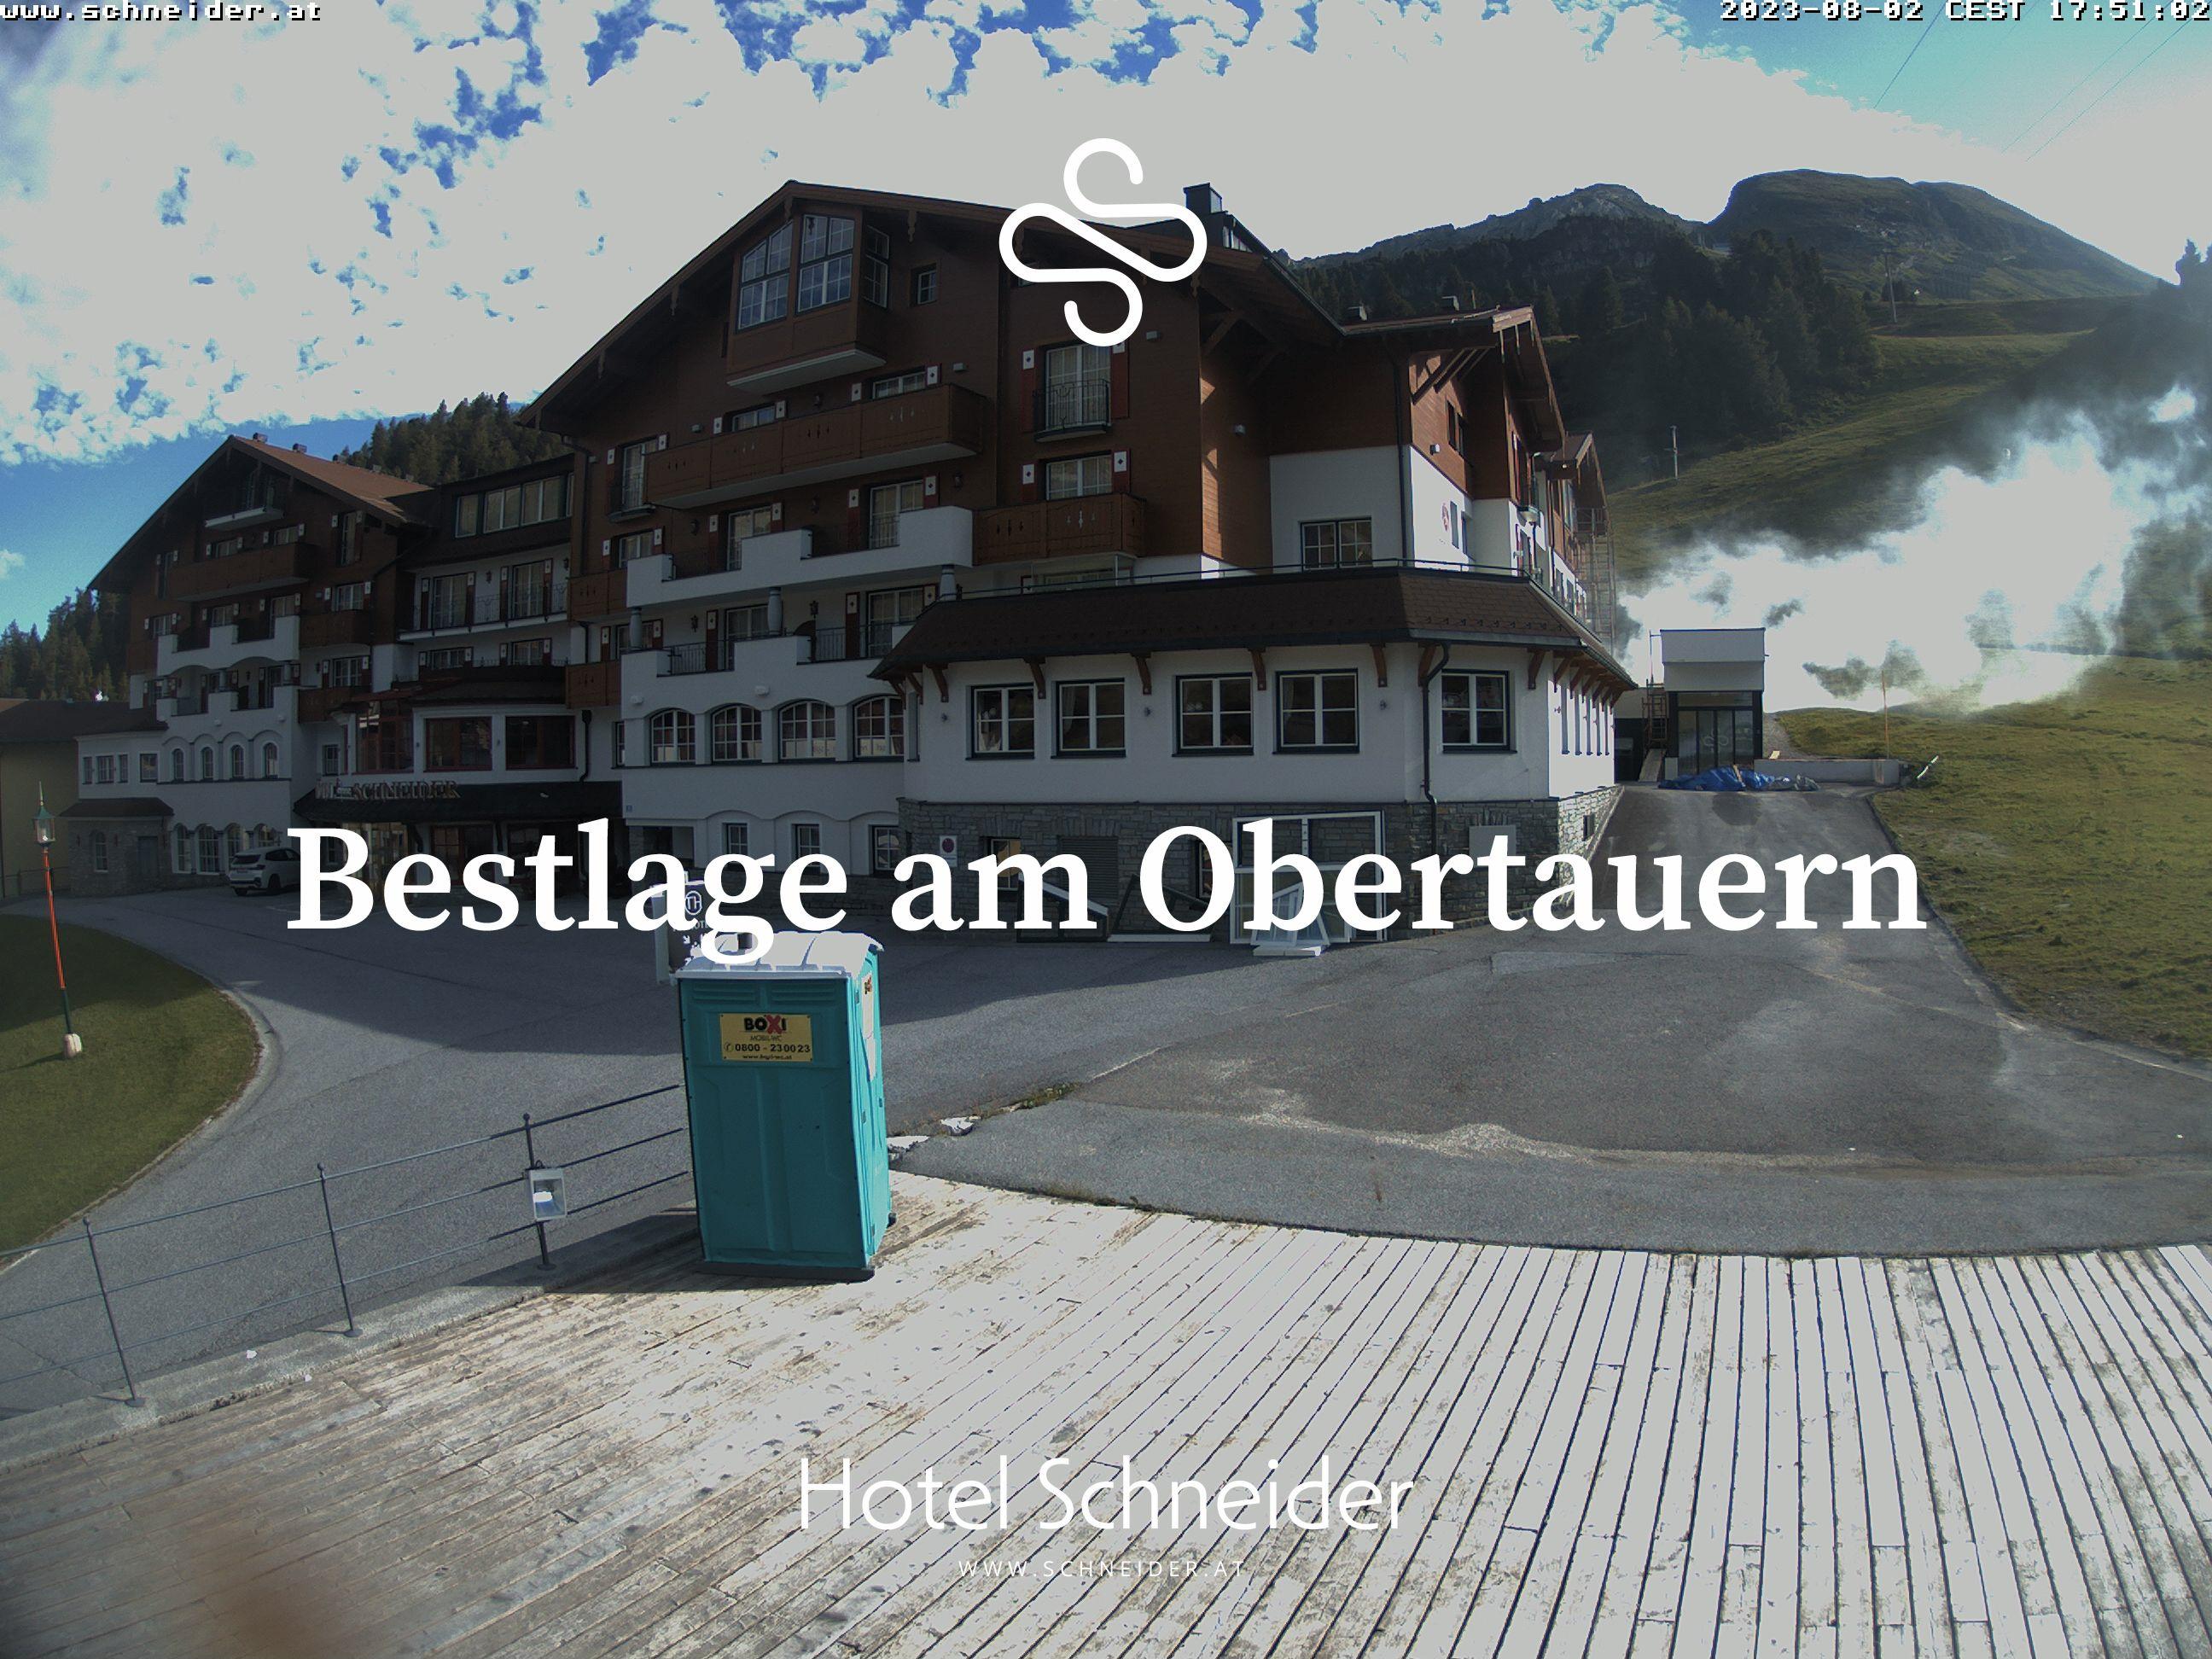 https://webcam.schneider.at/obertauern-hotel-schneider.jpg